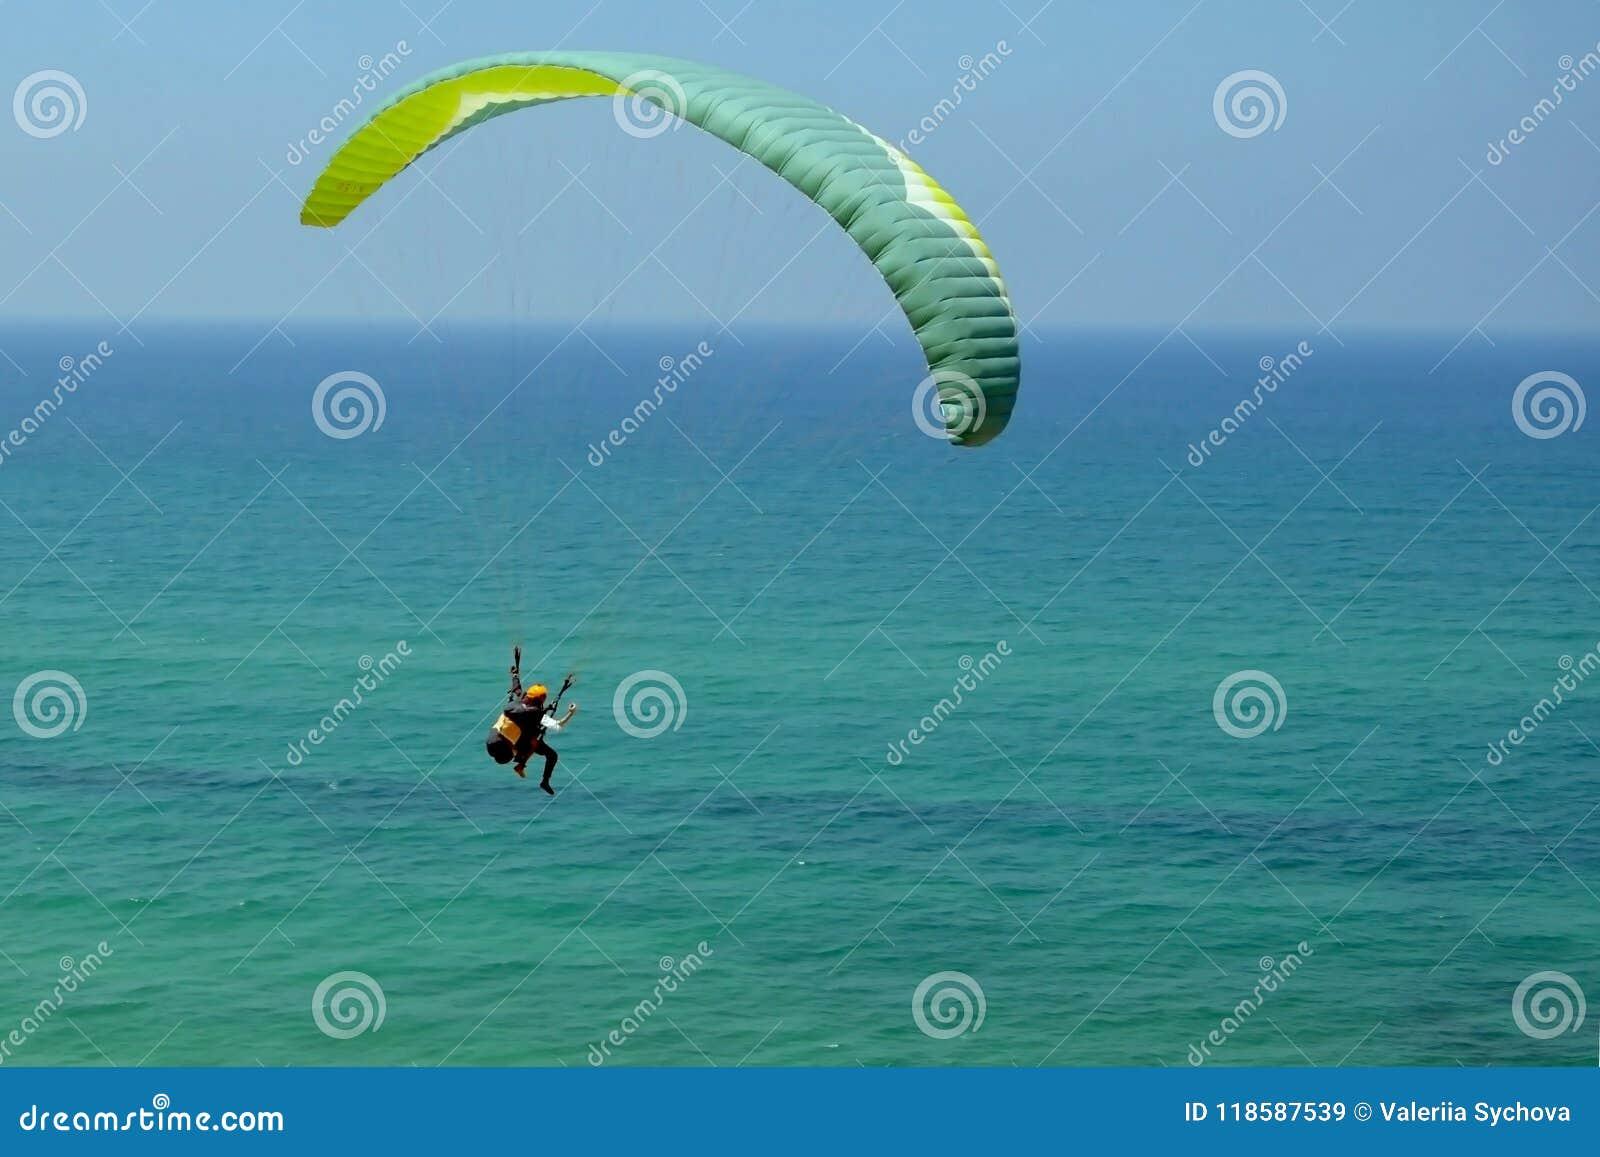 Το άτομο πετά στο πράσινο ανεμόπτερο στον ουρανό επάνω από την κυανή θάλασσα Ισορροπία, ακραίος αθλητισμός, τρόπος ζωής Μεσόγειος